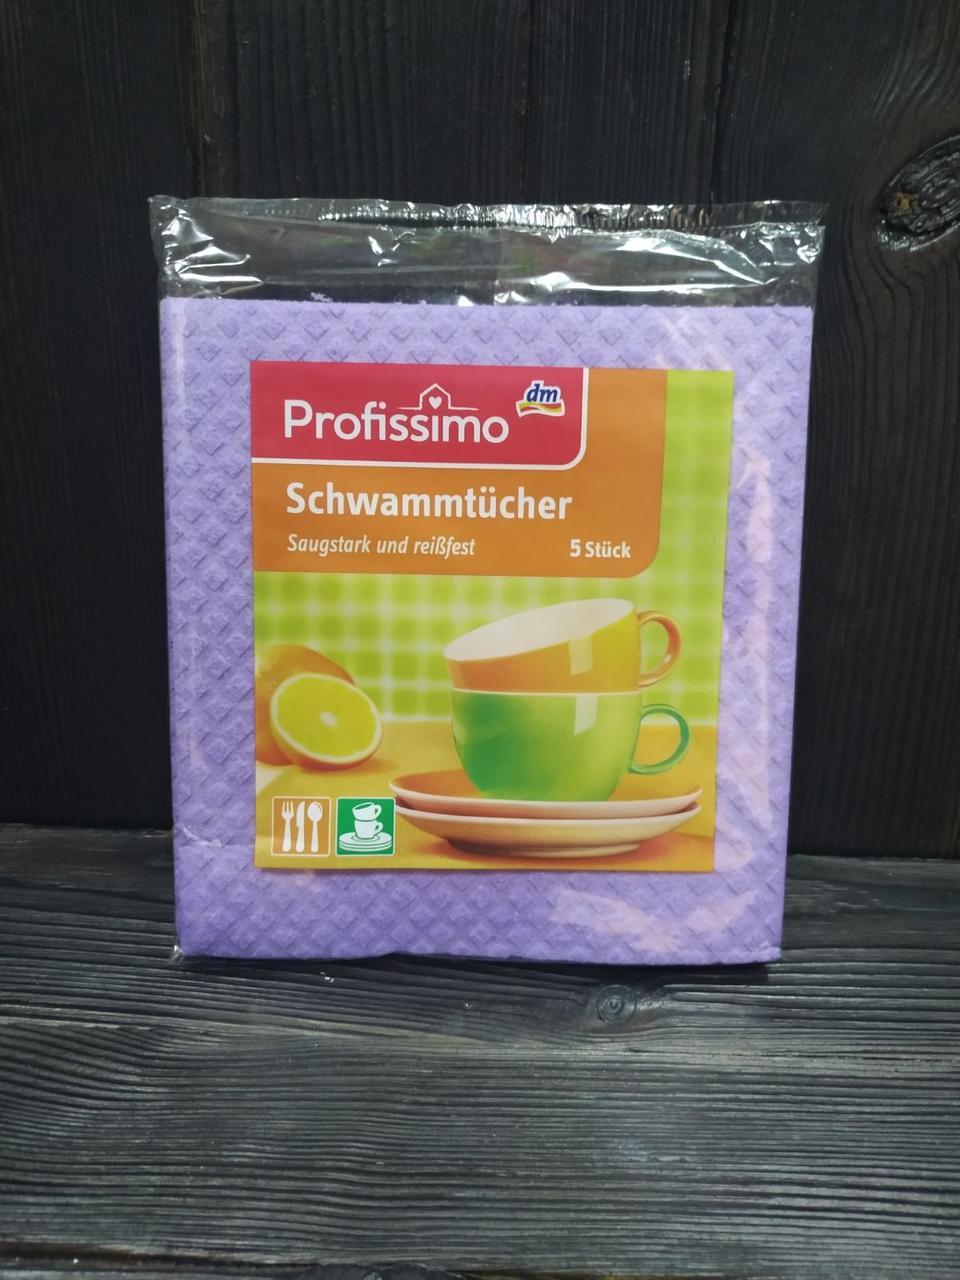 Denkmit Profissimo влаговпитывающие тряпочки для кухни (5 шт.)